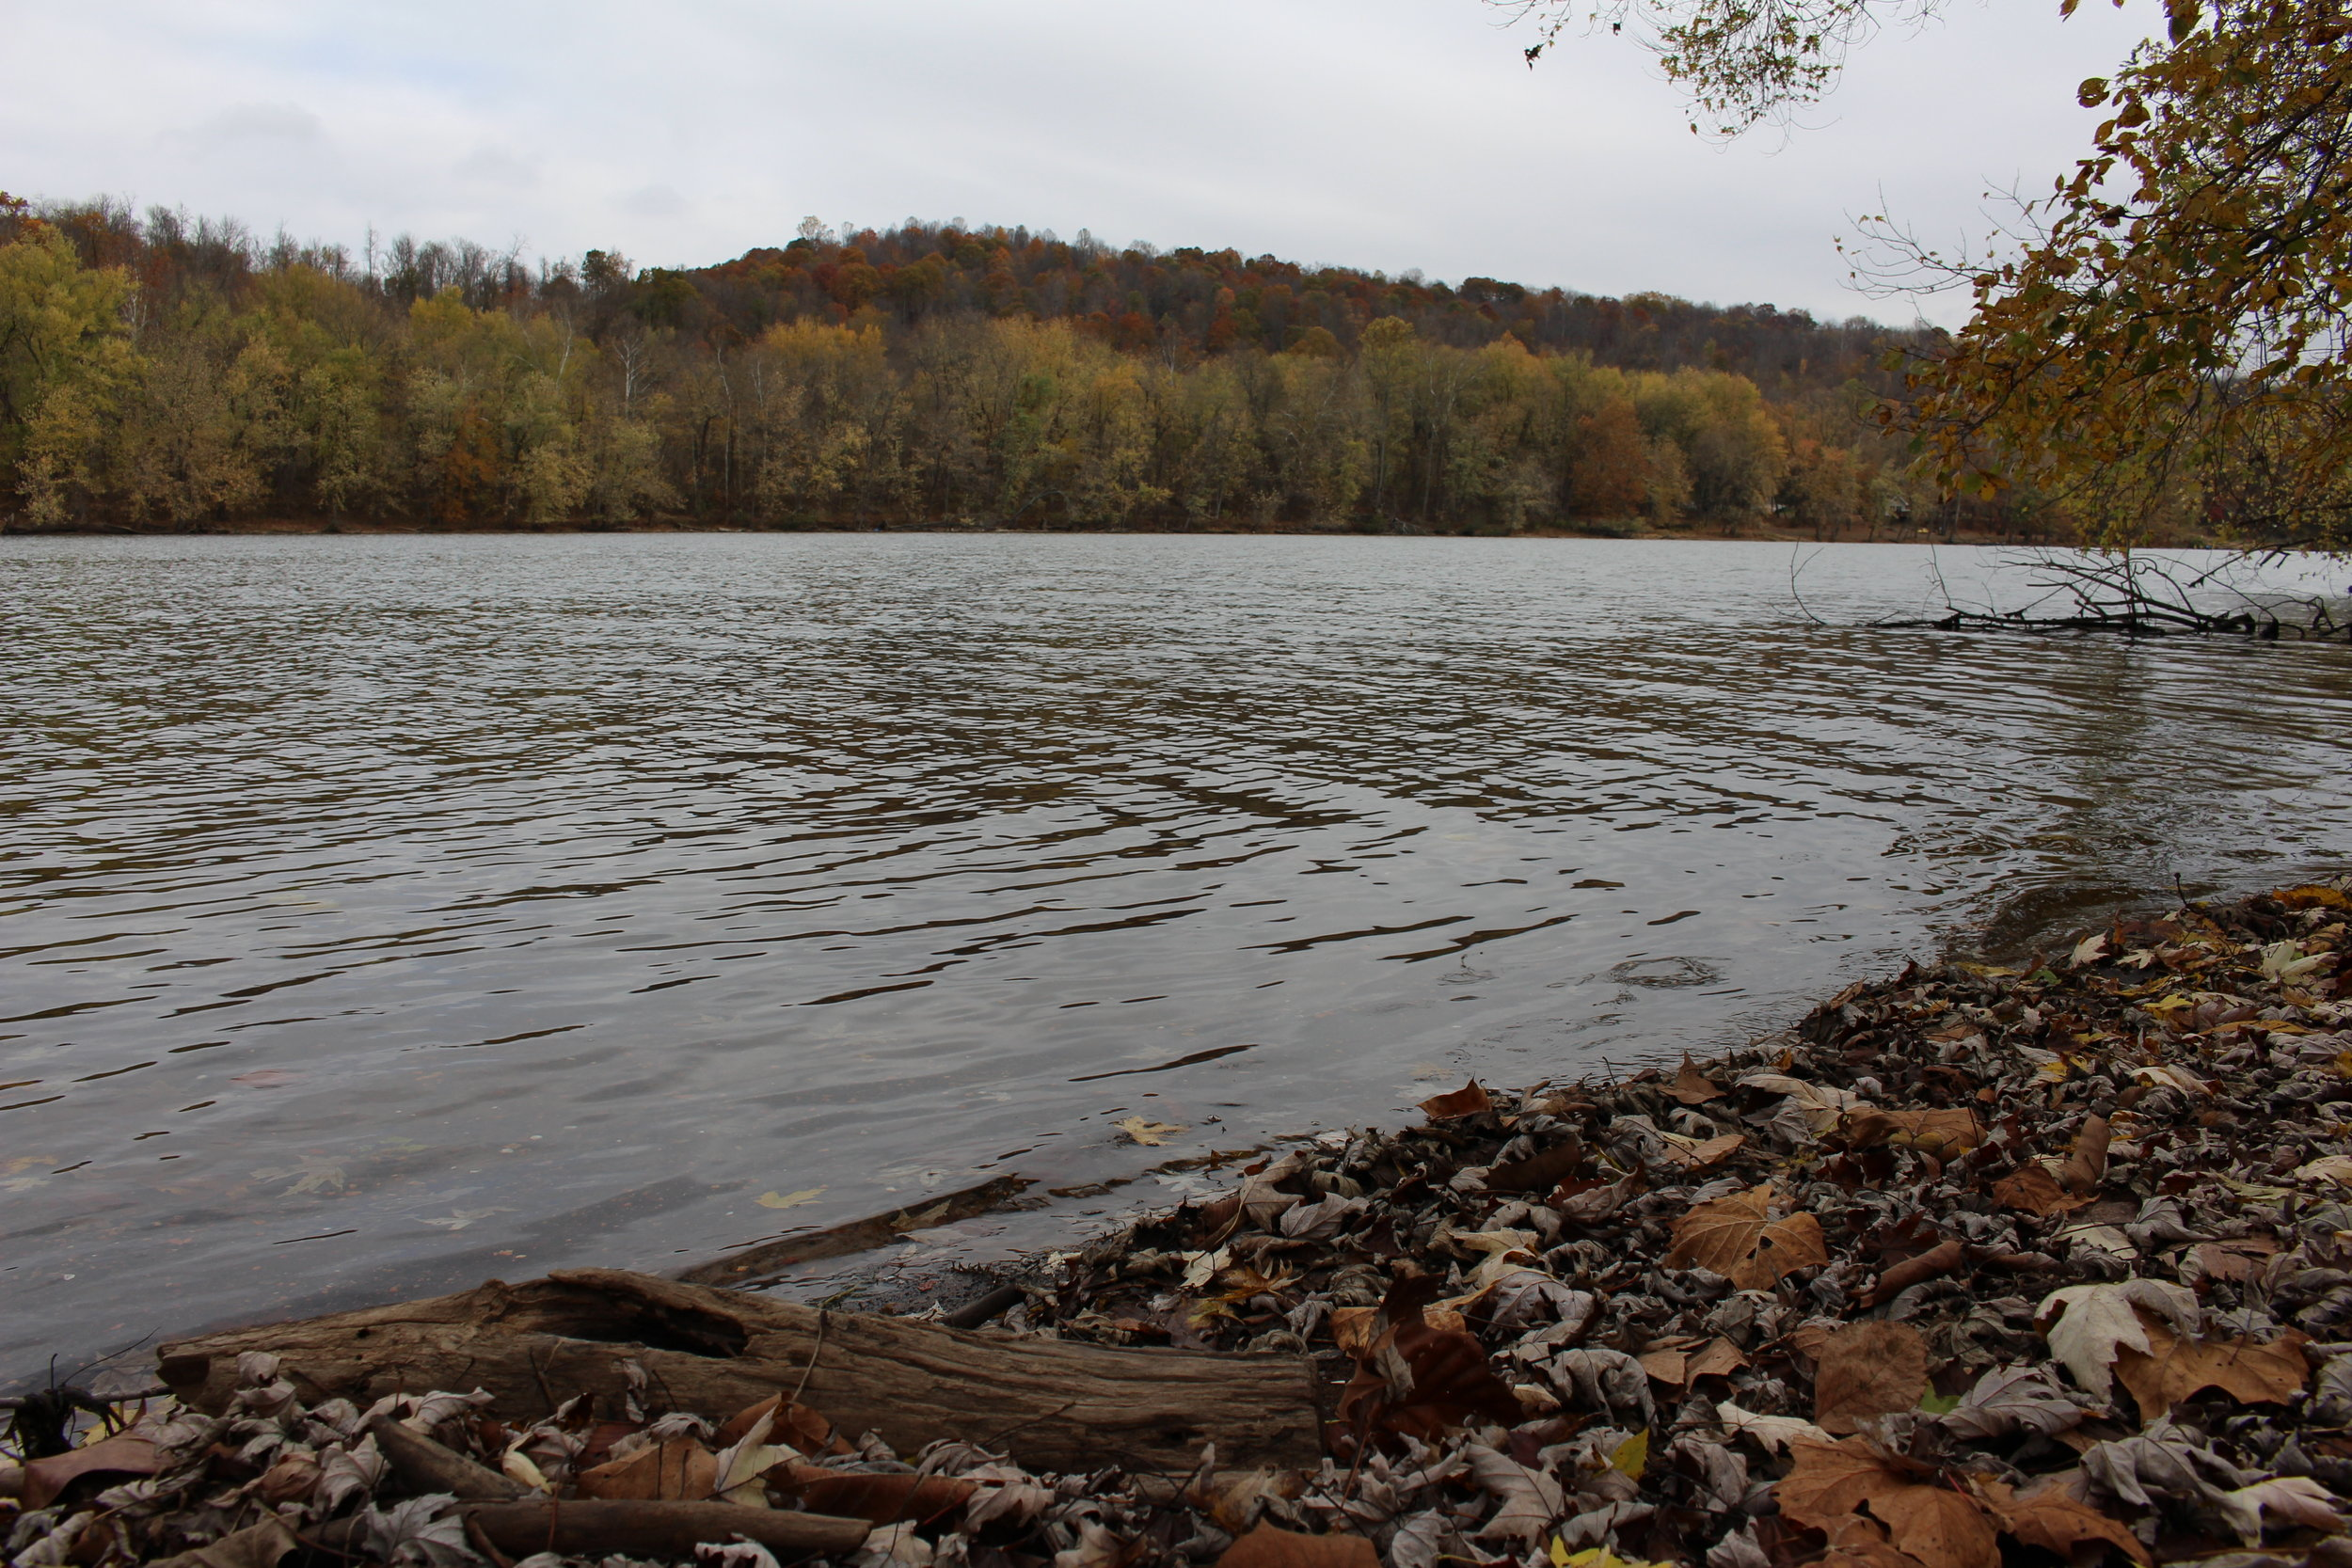 The Monongehela River near Carmichaels, PA